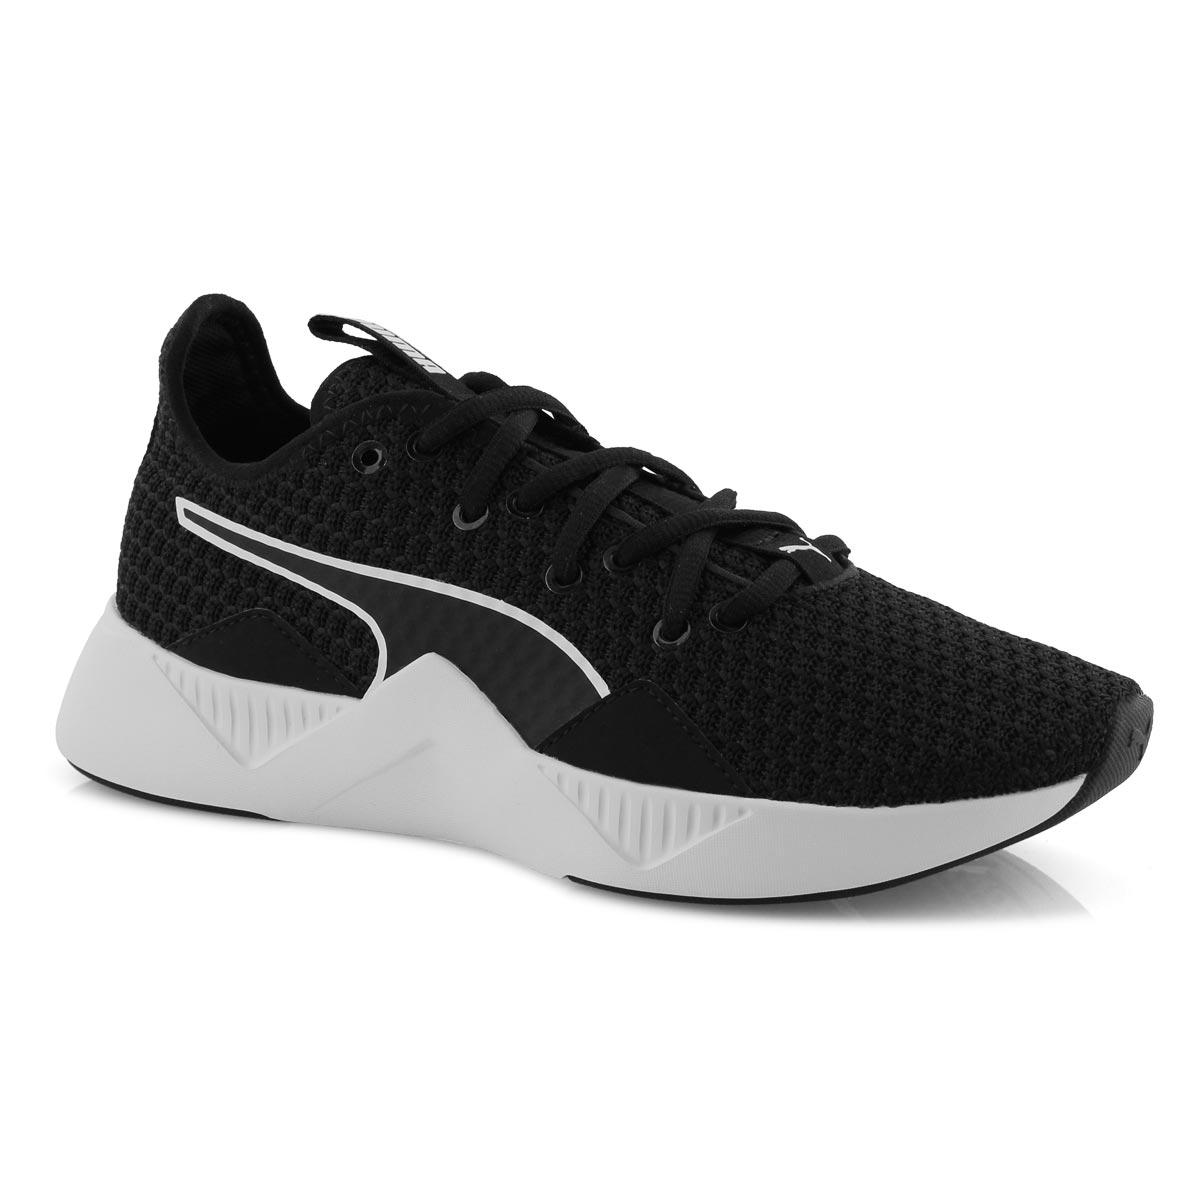 Lds Incite FS blk/wht lace up sneaker